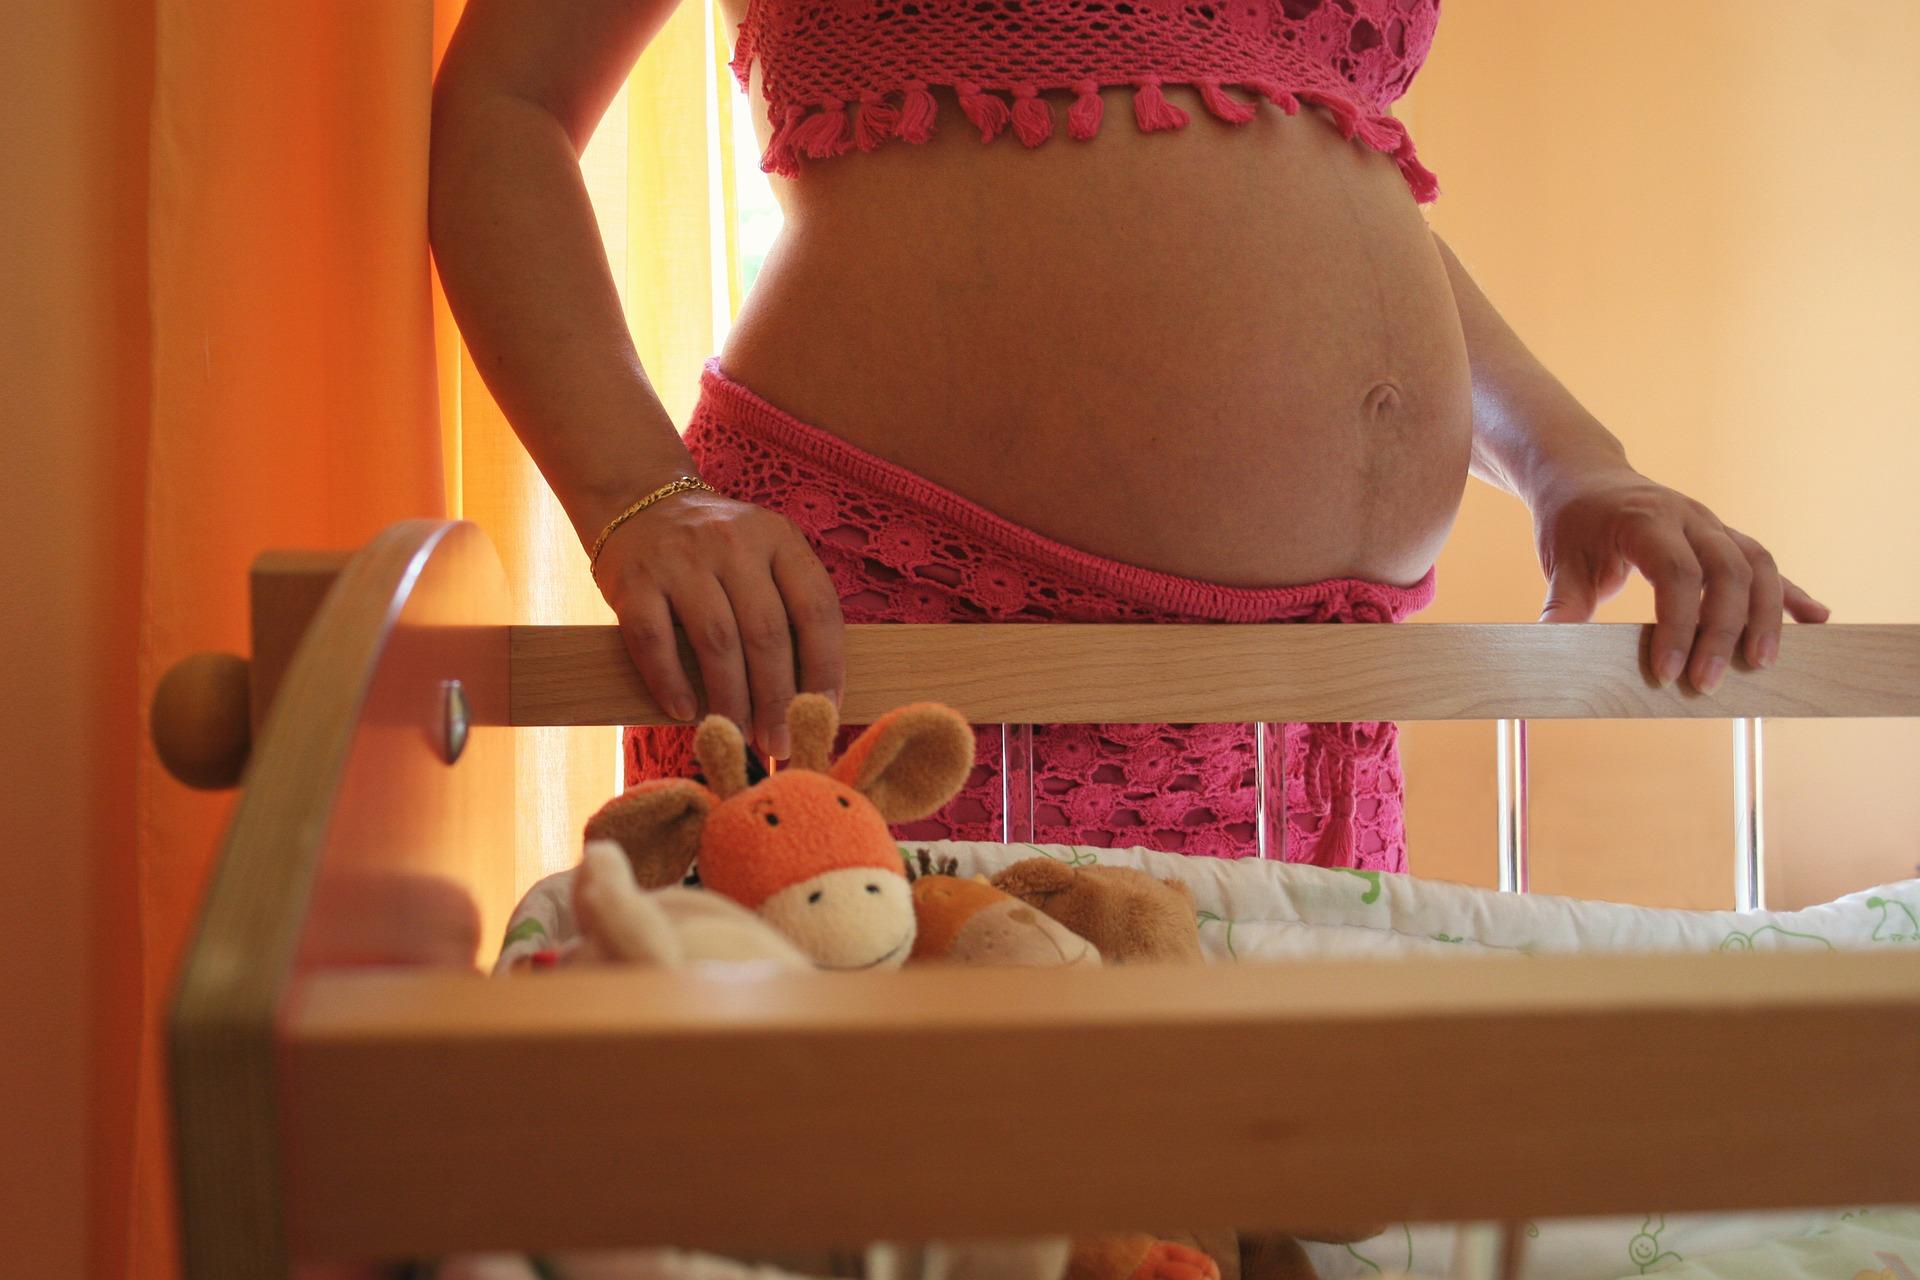 papilloma vírus és terhesség gyógyszer a helminták ellen